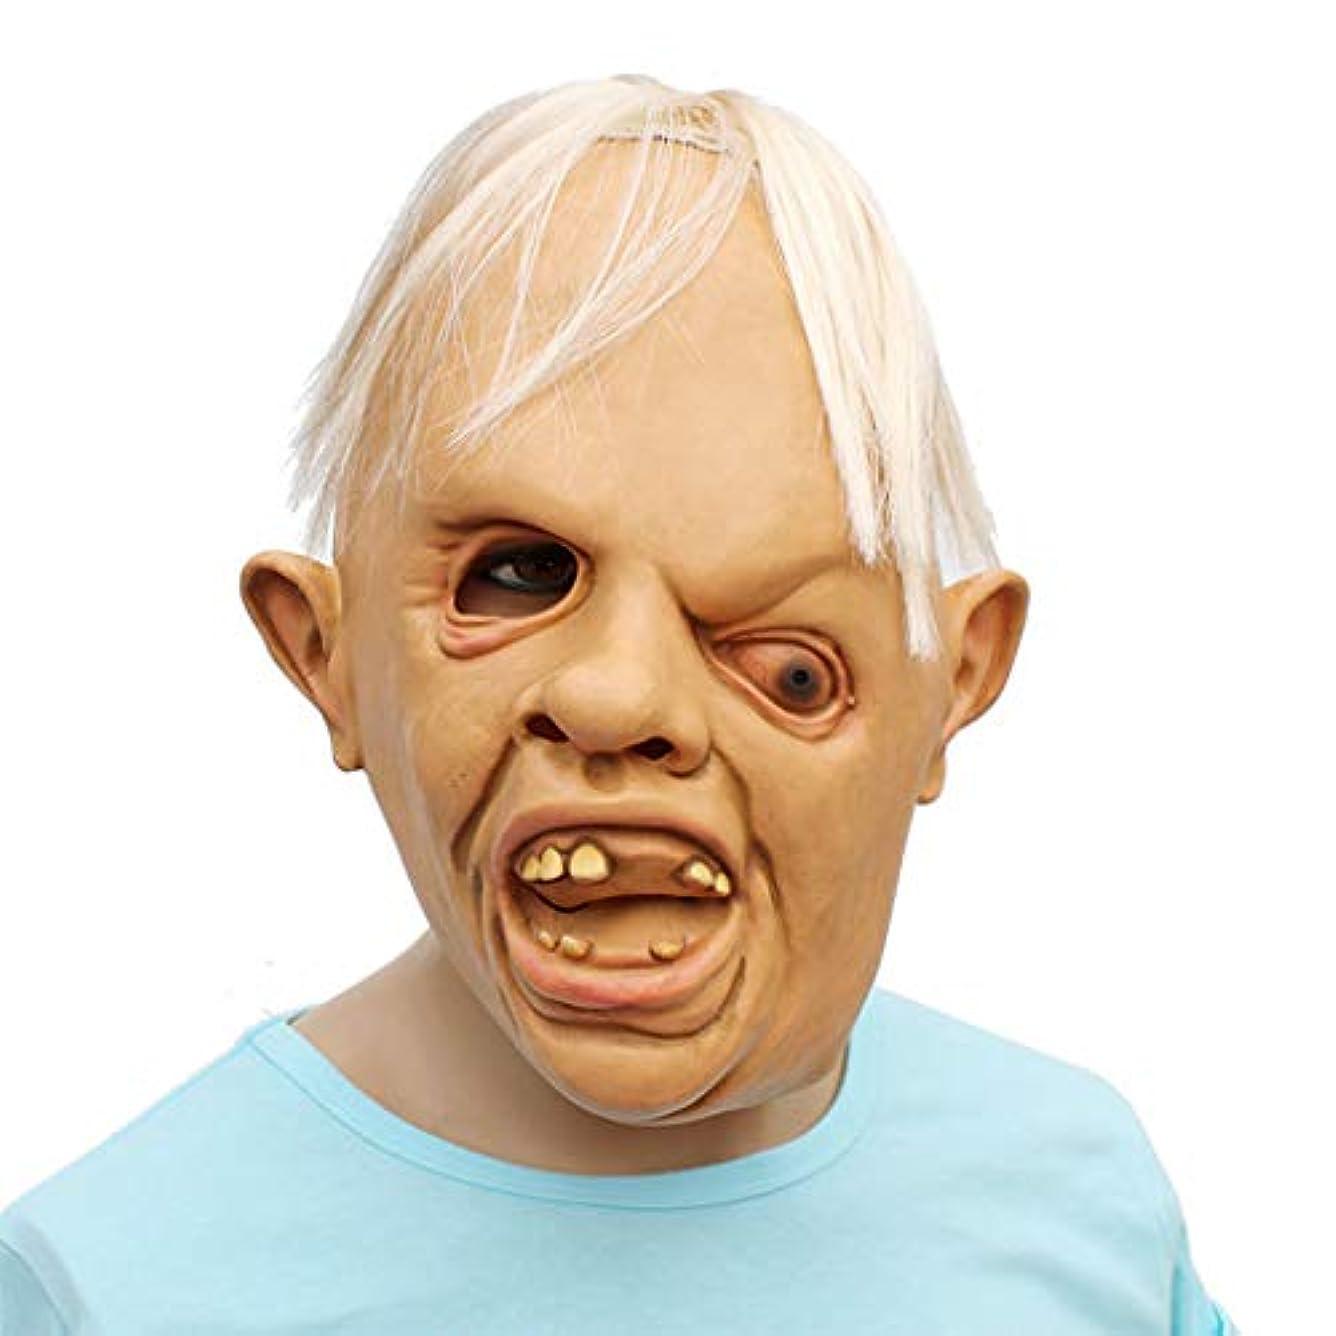 攻撃書道ボトルハロウィーンマスク、ラテックスマスク、不気味な怖いLaいレイジーマスクハロウィーンパーティーの衣装の装飾